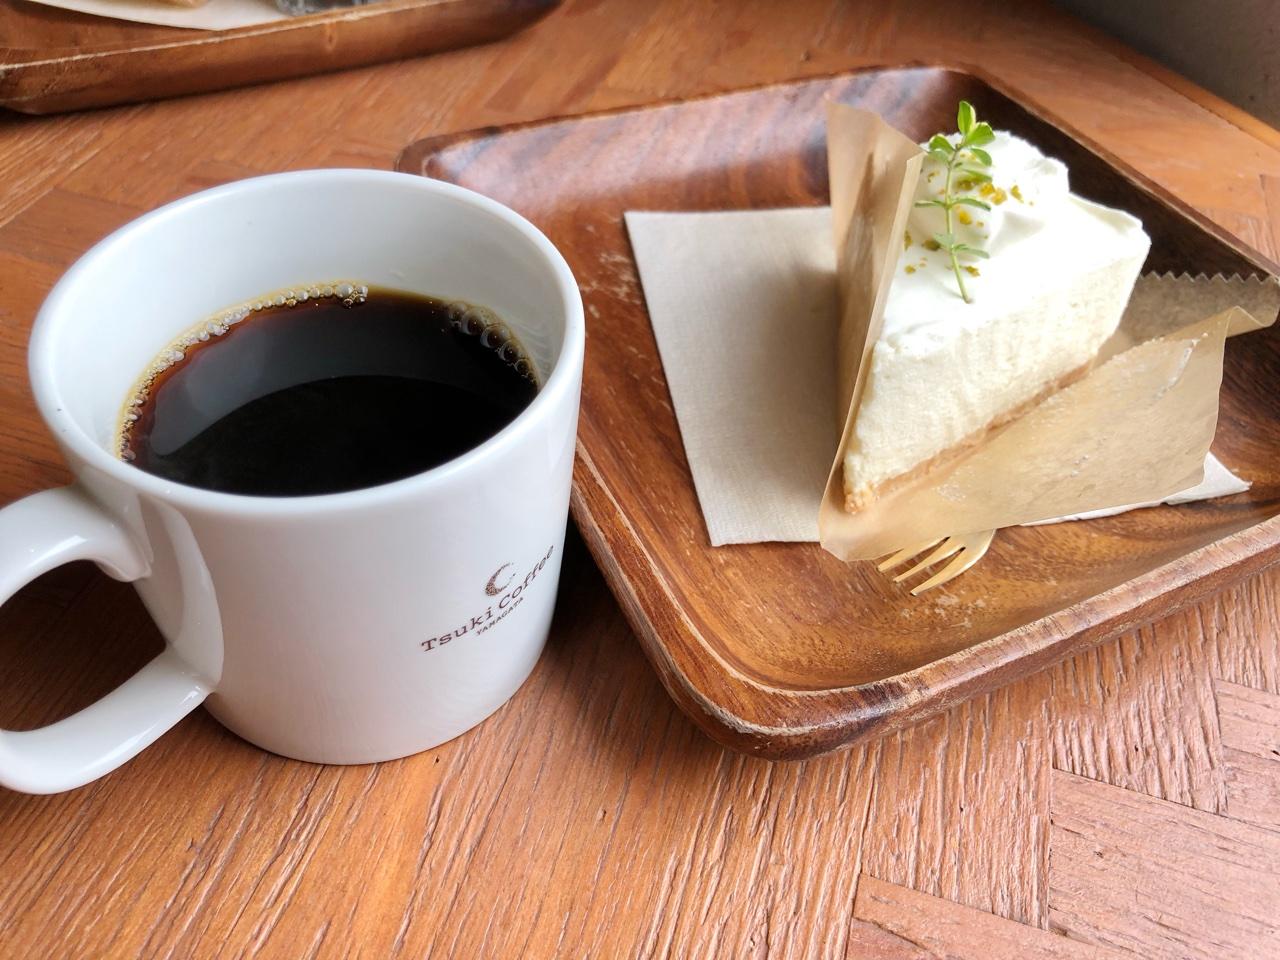 Tsuki Cafe 山形駅前 レアチーズケーキ コーヒー